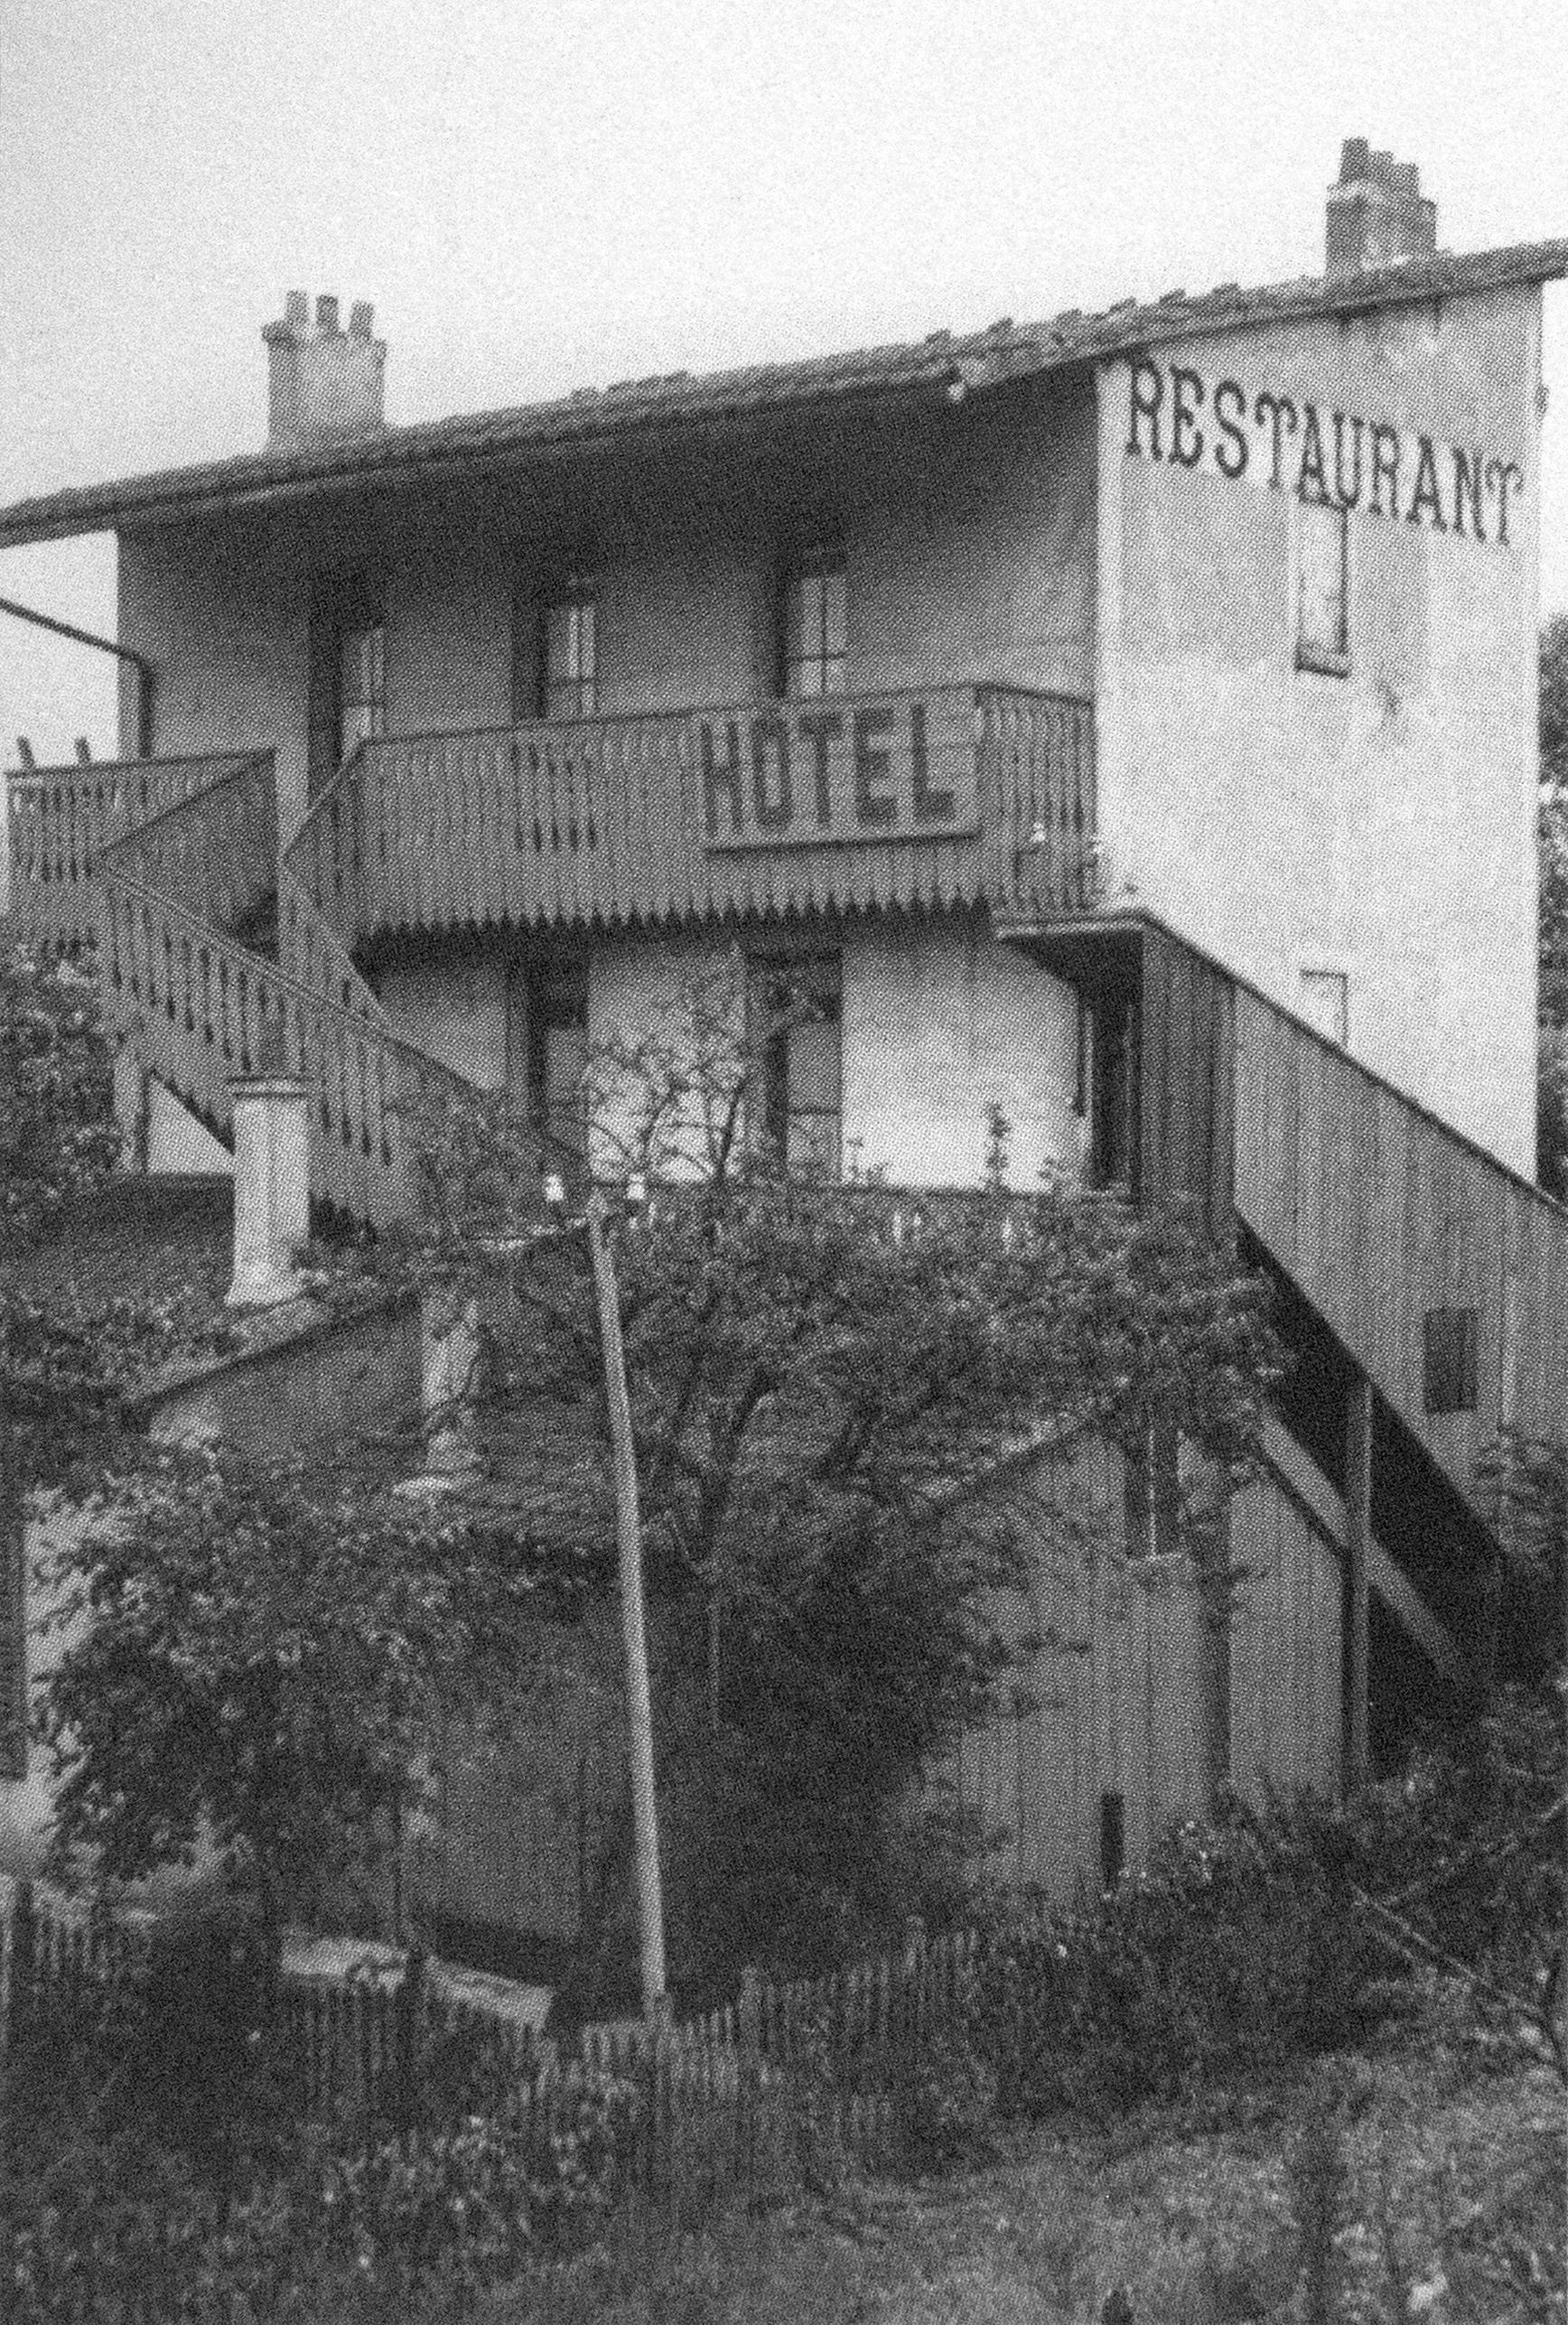 Hôtel Restaurant Sarreste-1919_Renault com